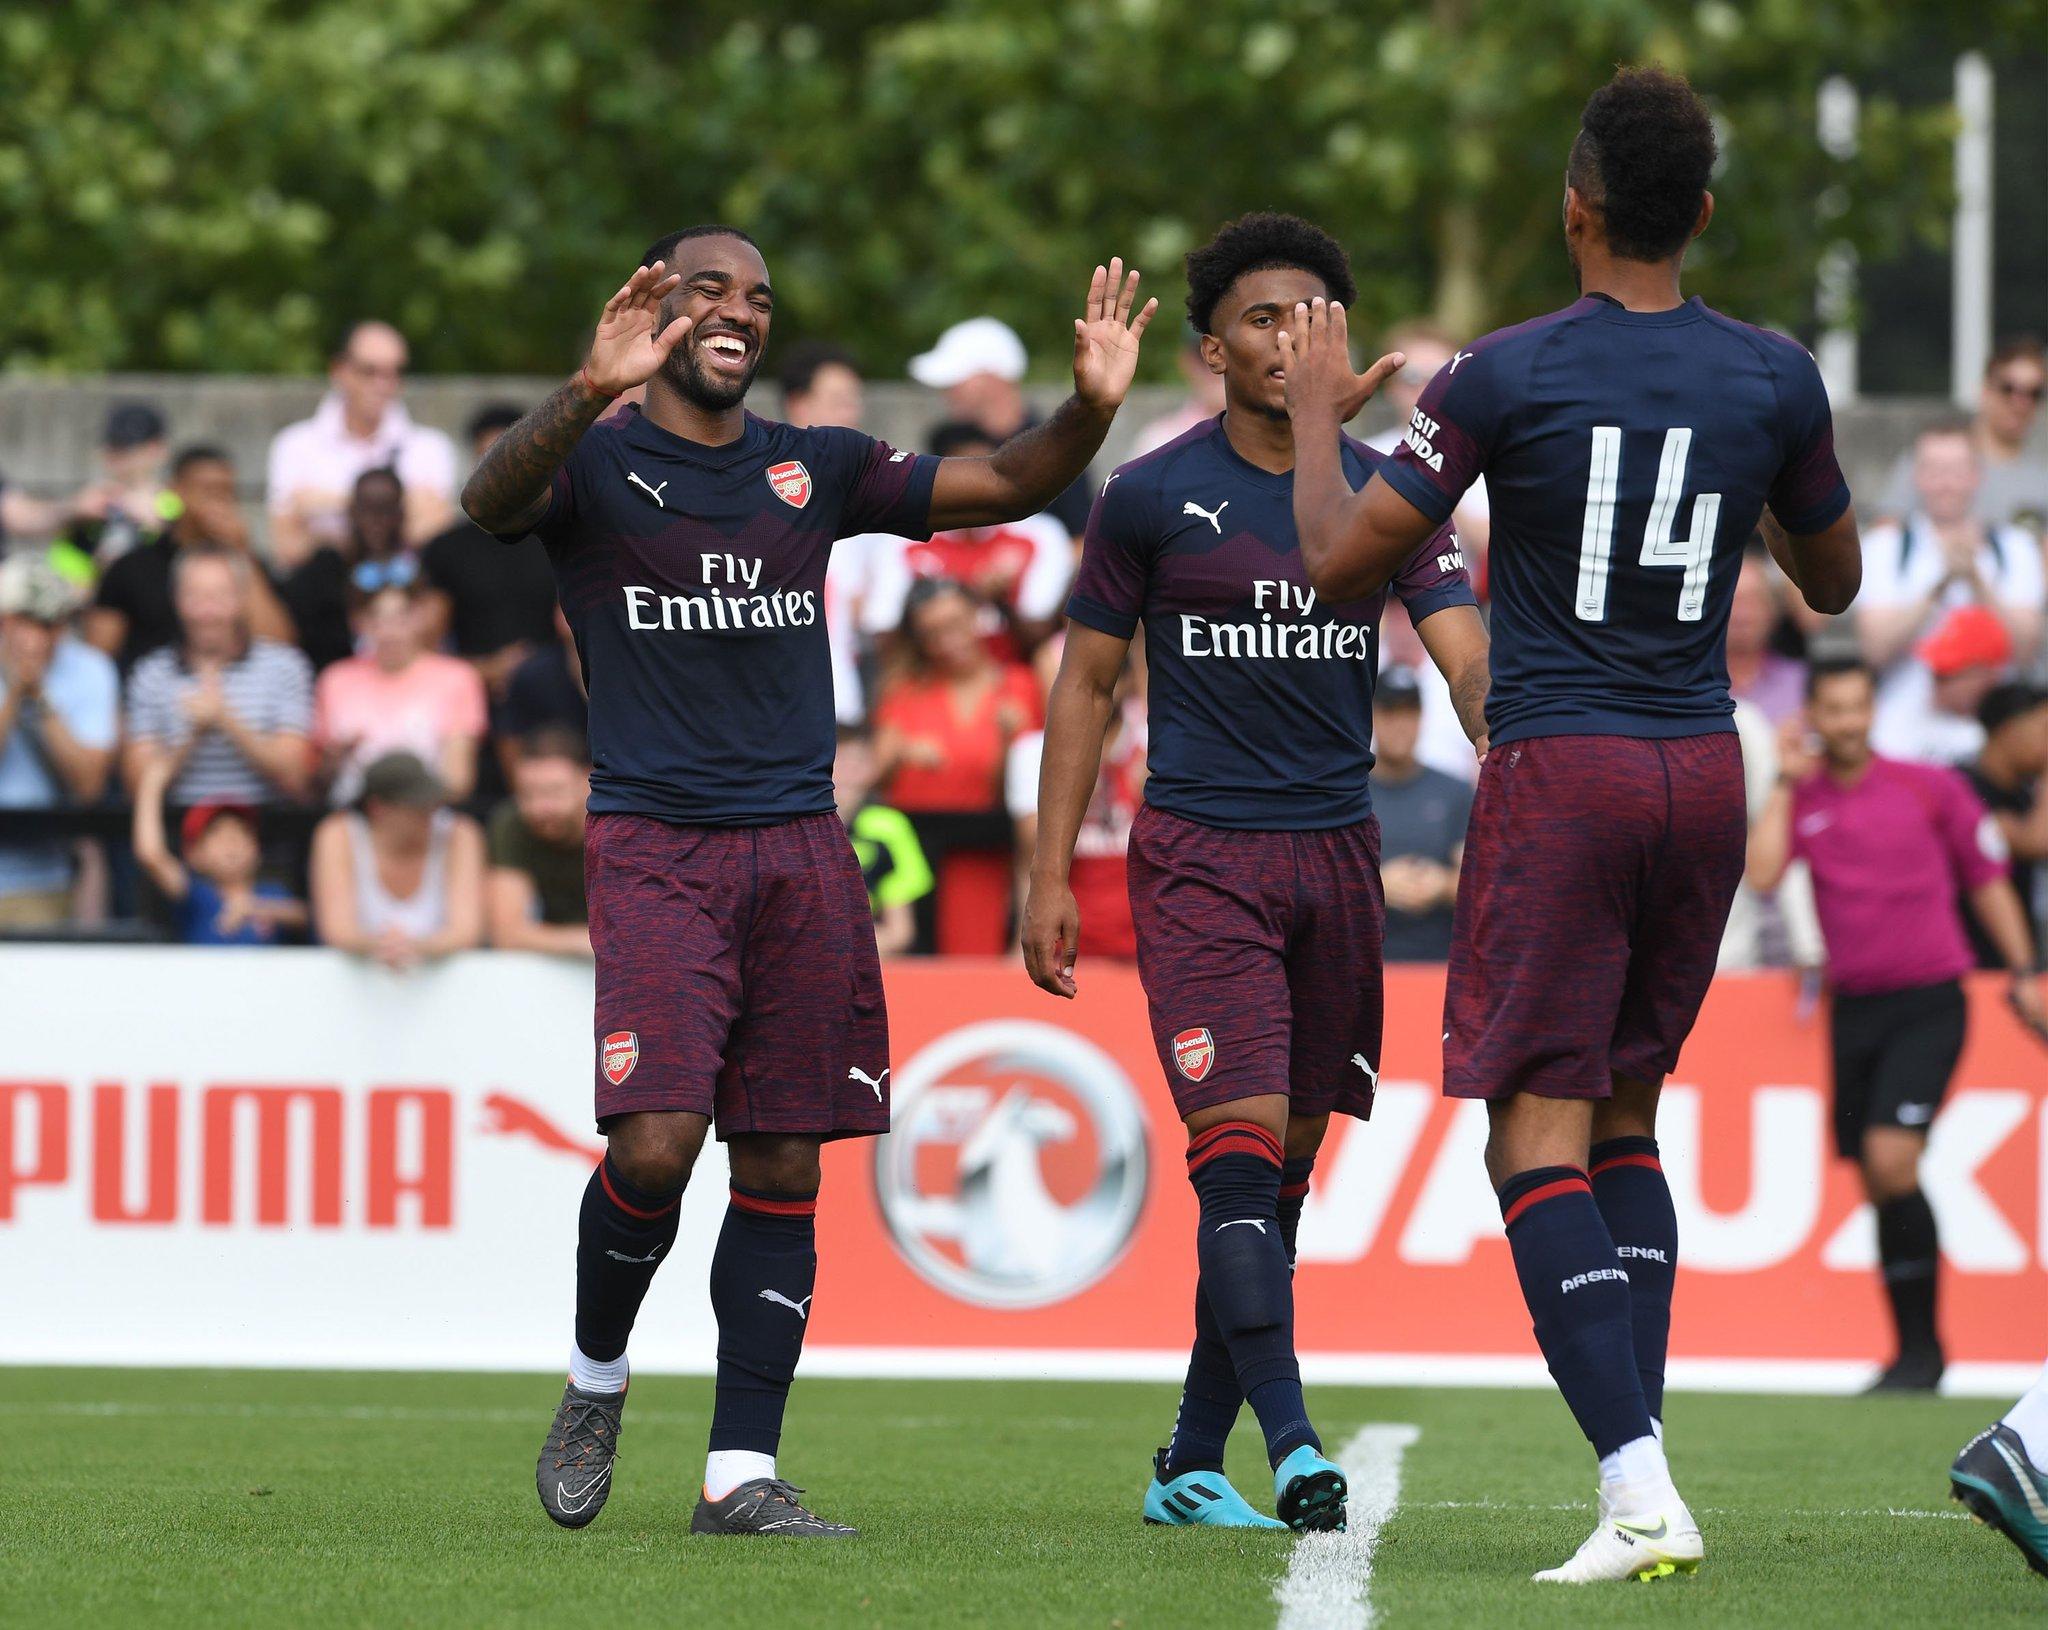 Tân HLV Arsenal ra mắt hoàn hảo với chiến thắng 8-0